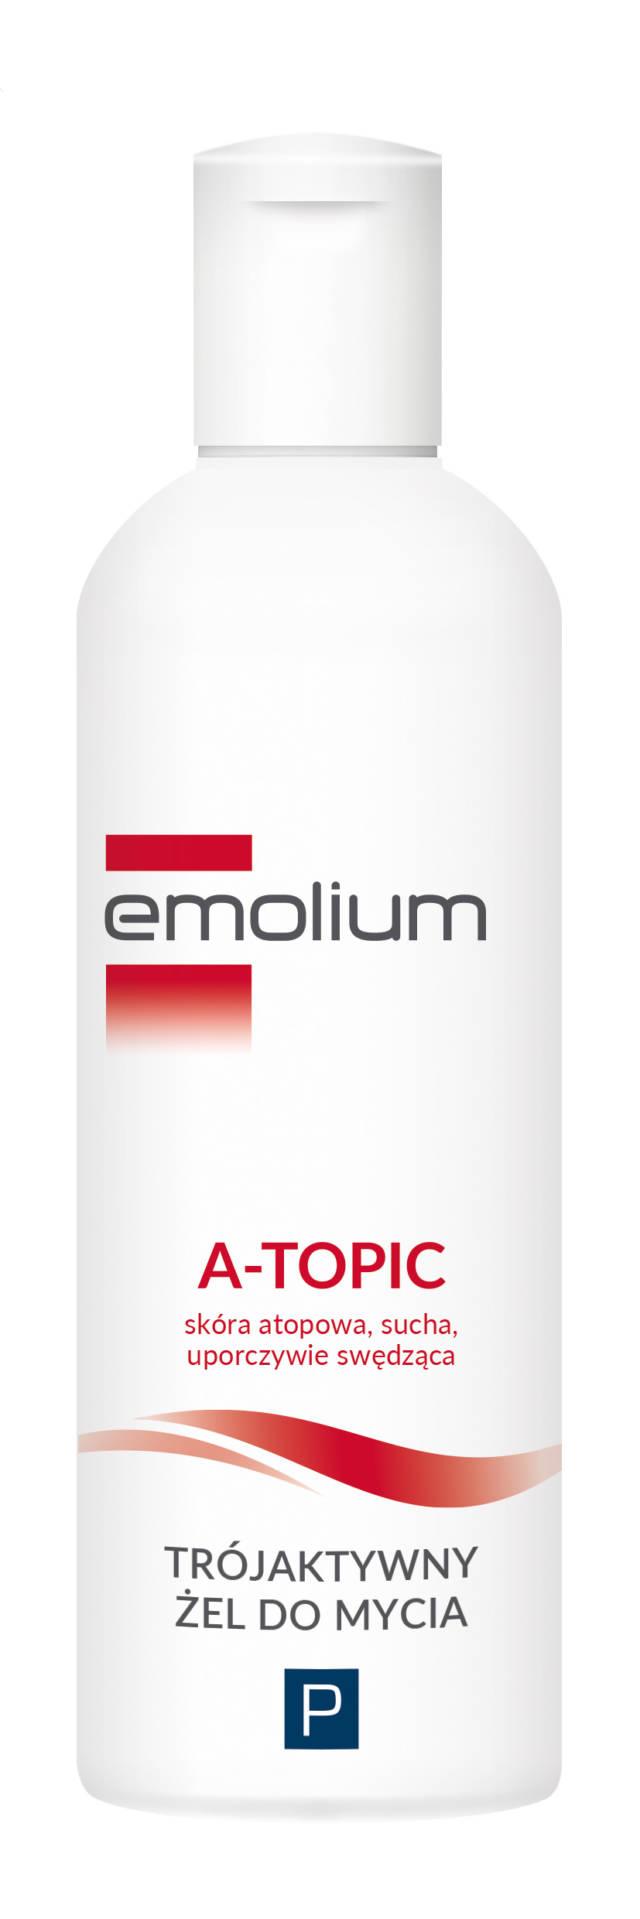 EMOLIUM A-TOPIC Trójaktywny żel do mycia 200ml